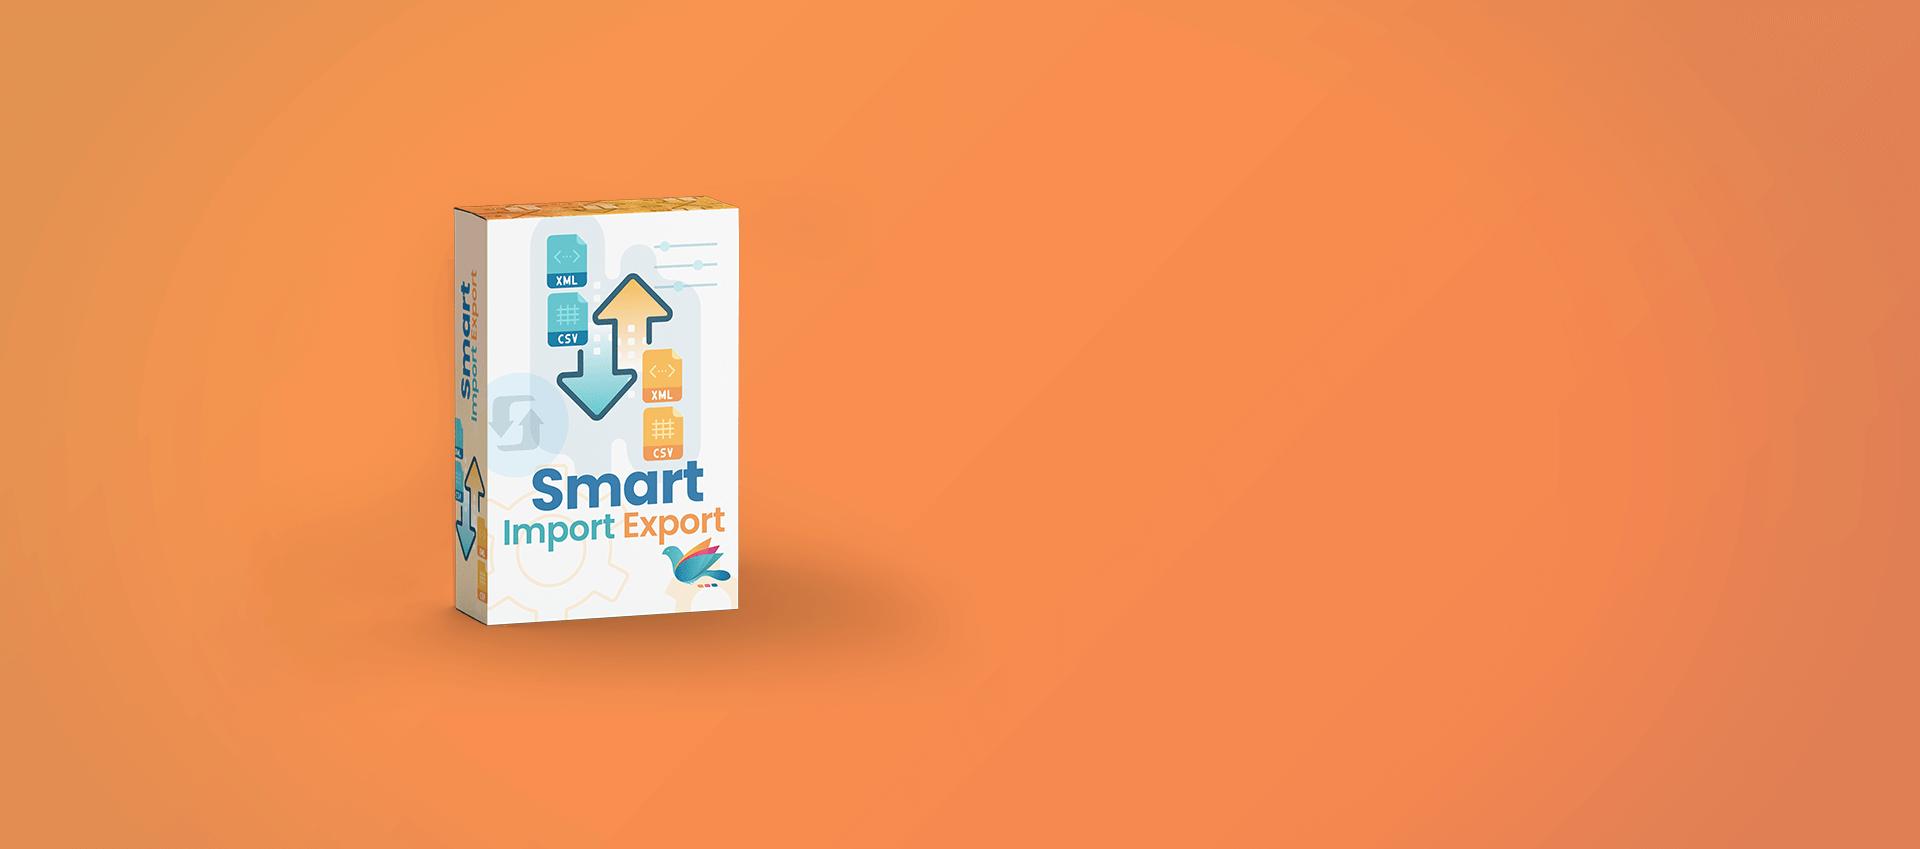 Smart Import Export